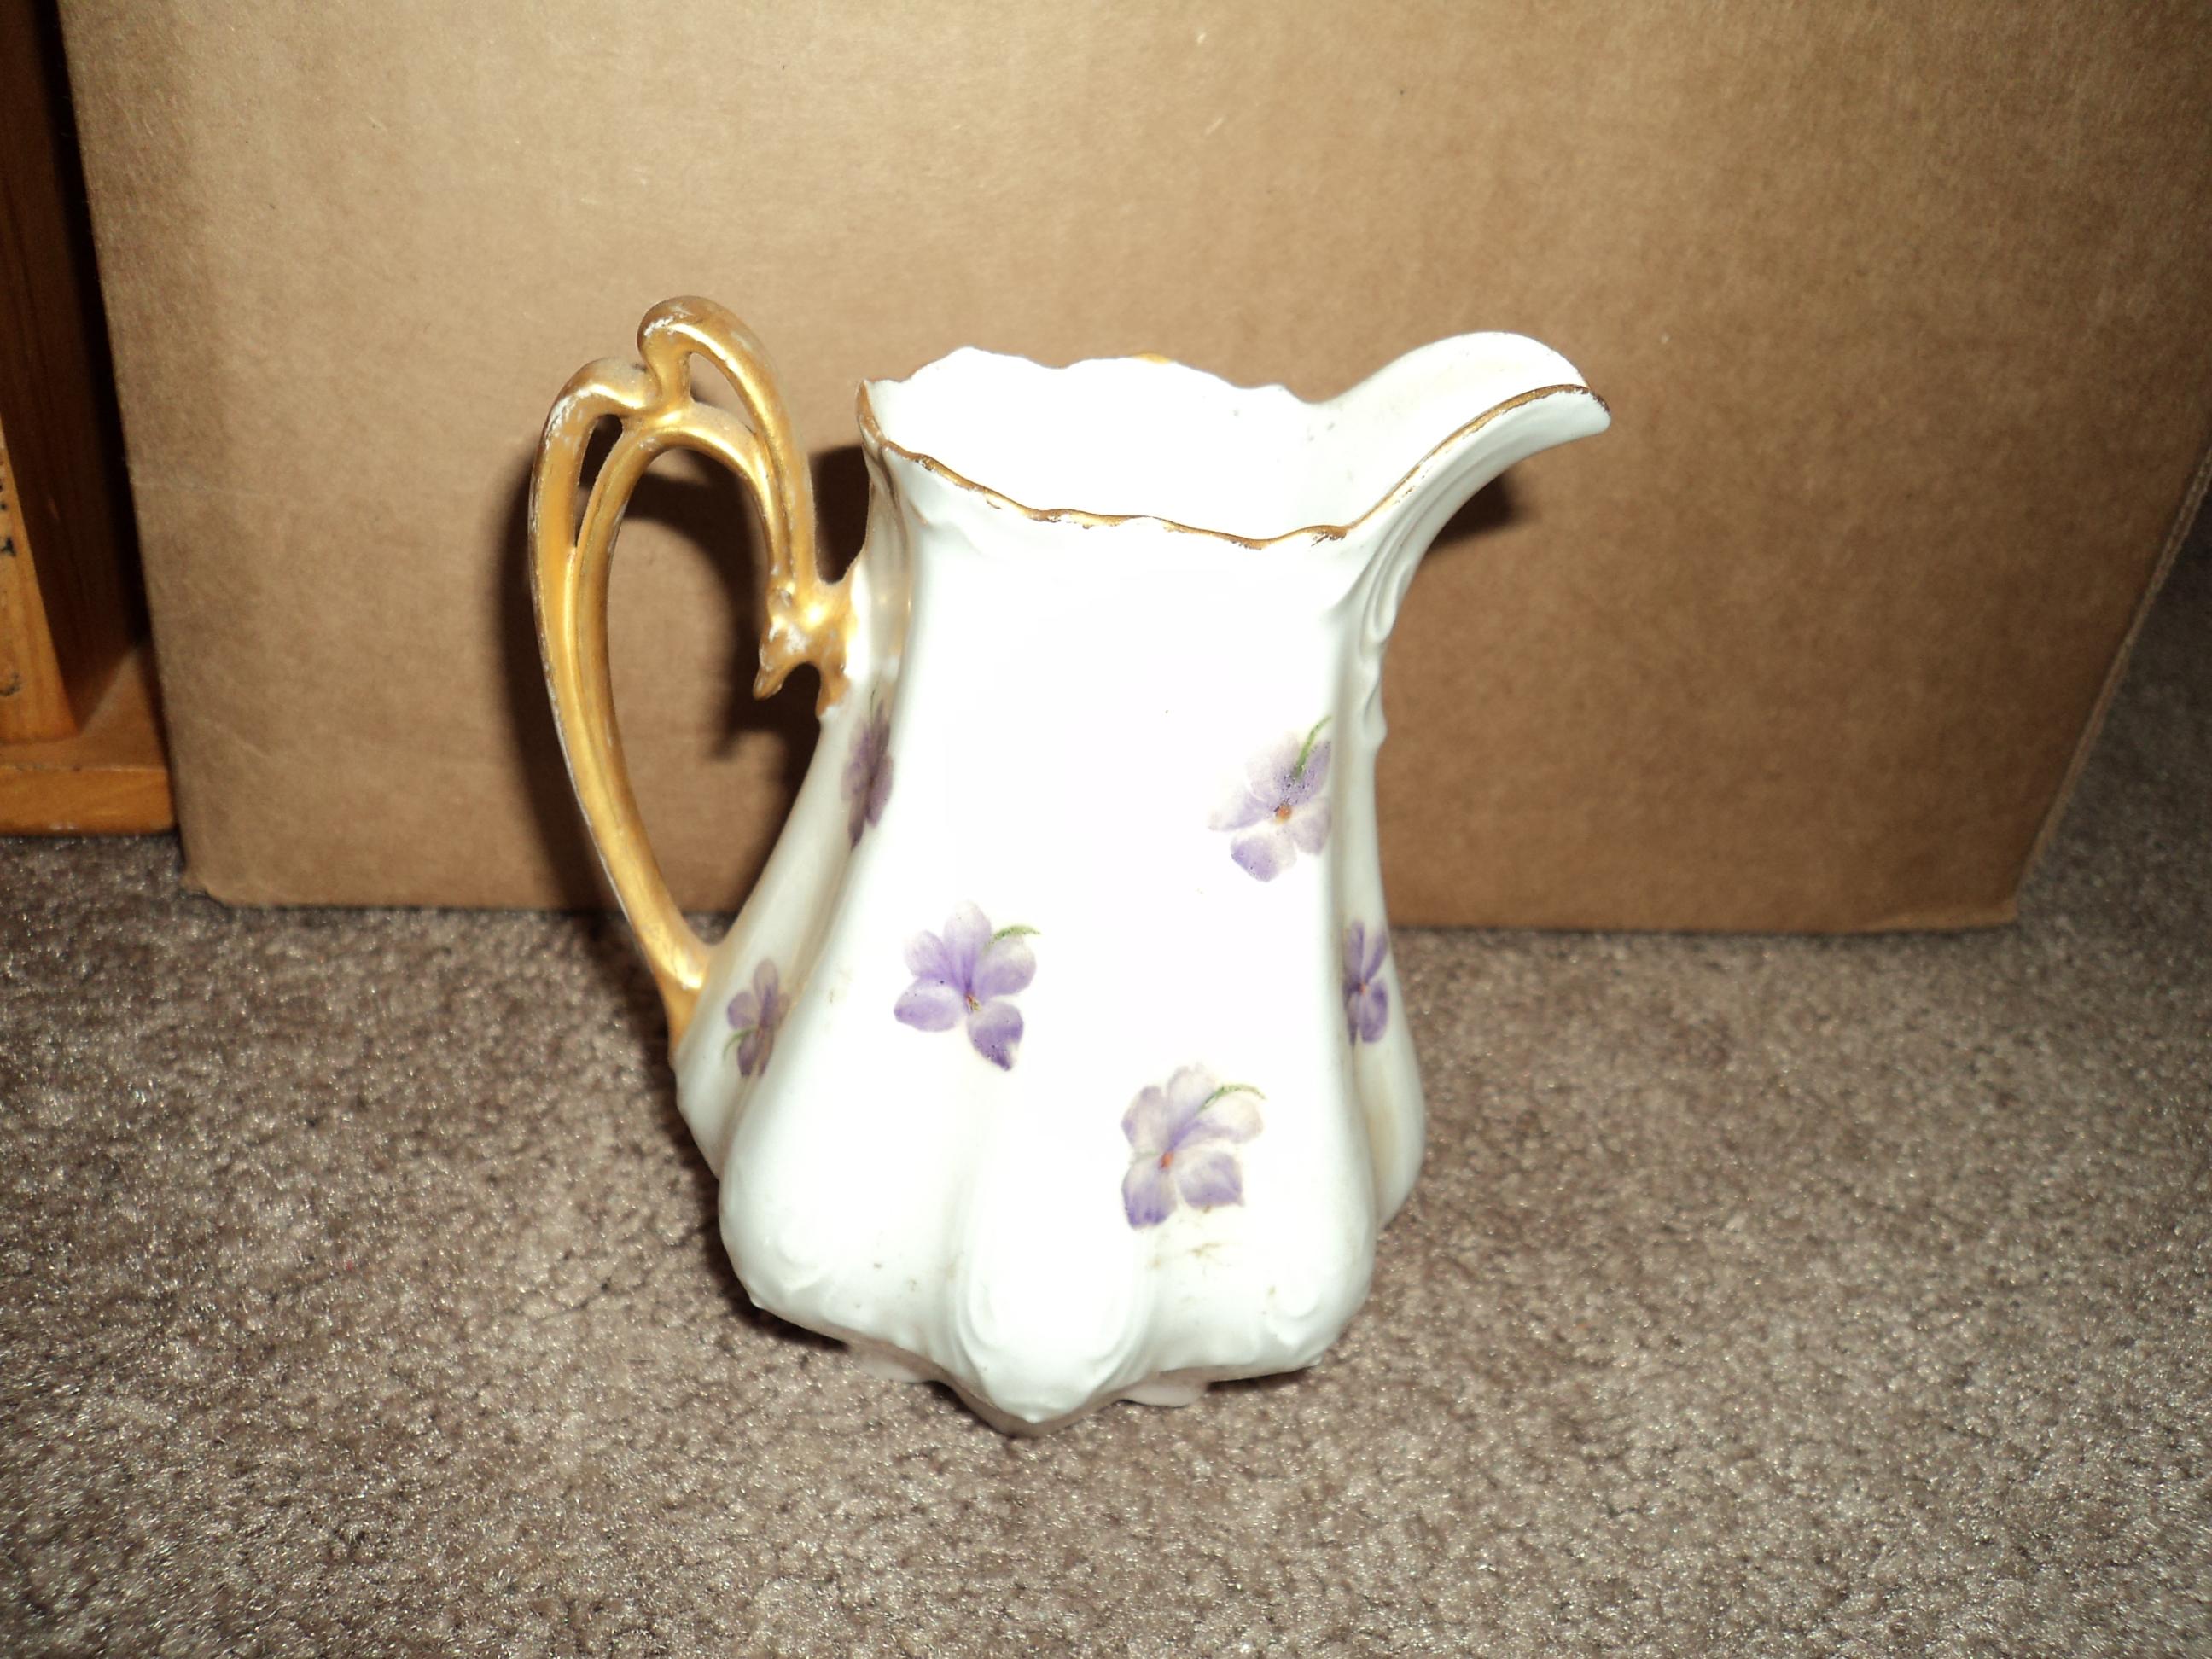 Antiquescom Classifieds Antiques Antique Porcelain Pottery